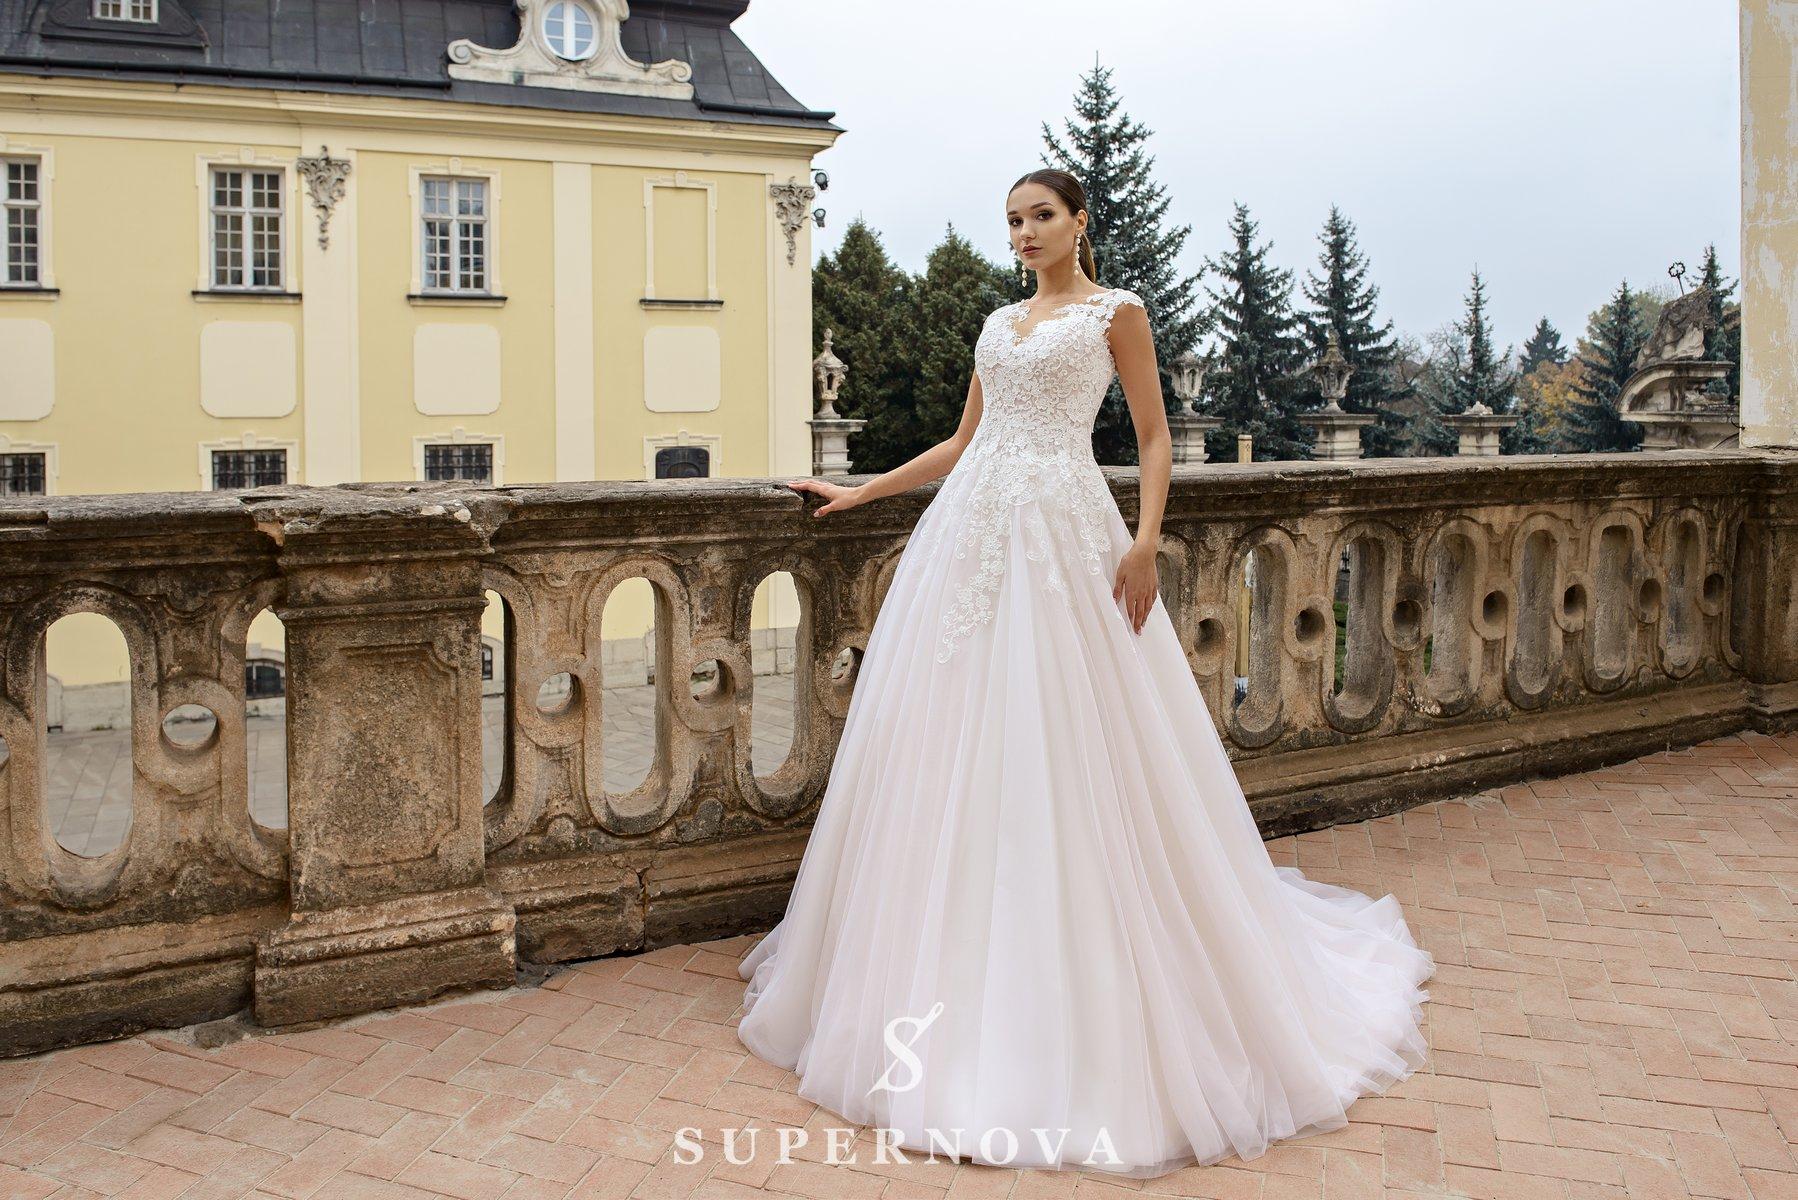 Весільна сукня зі спідницею-шлейф оптом від SuperNova-1